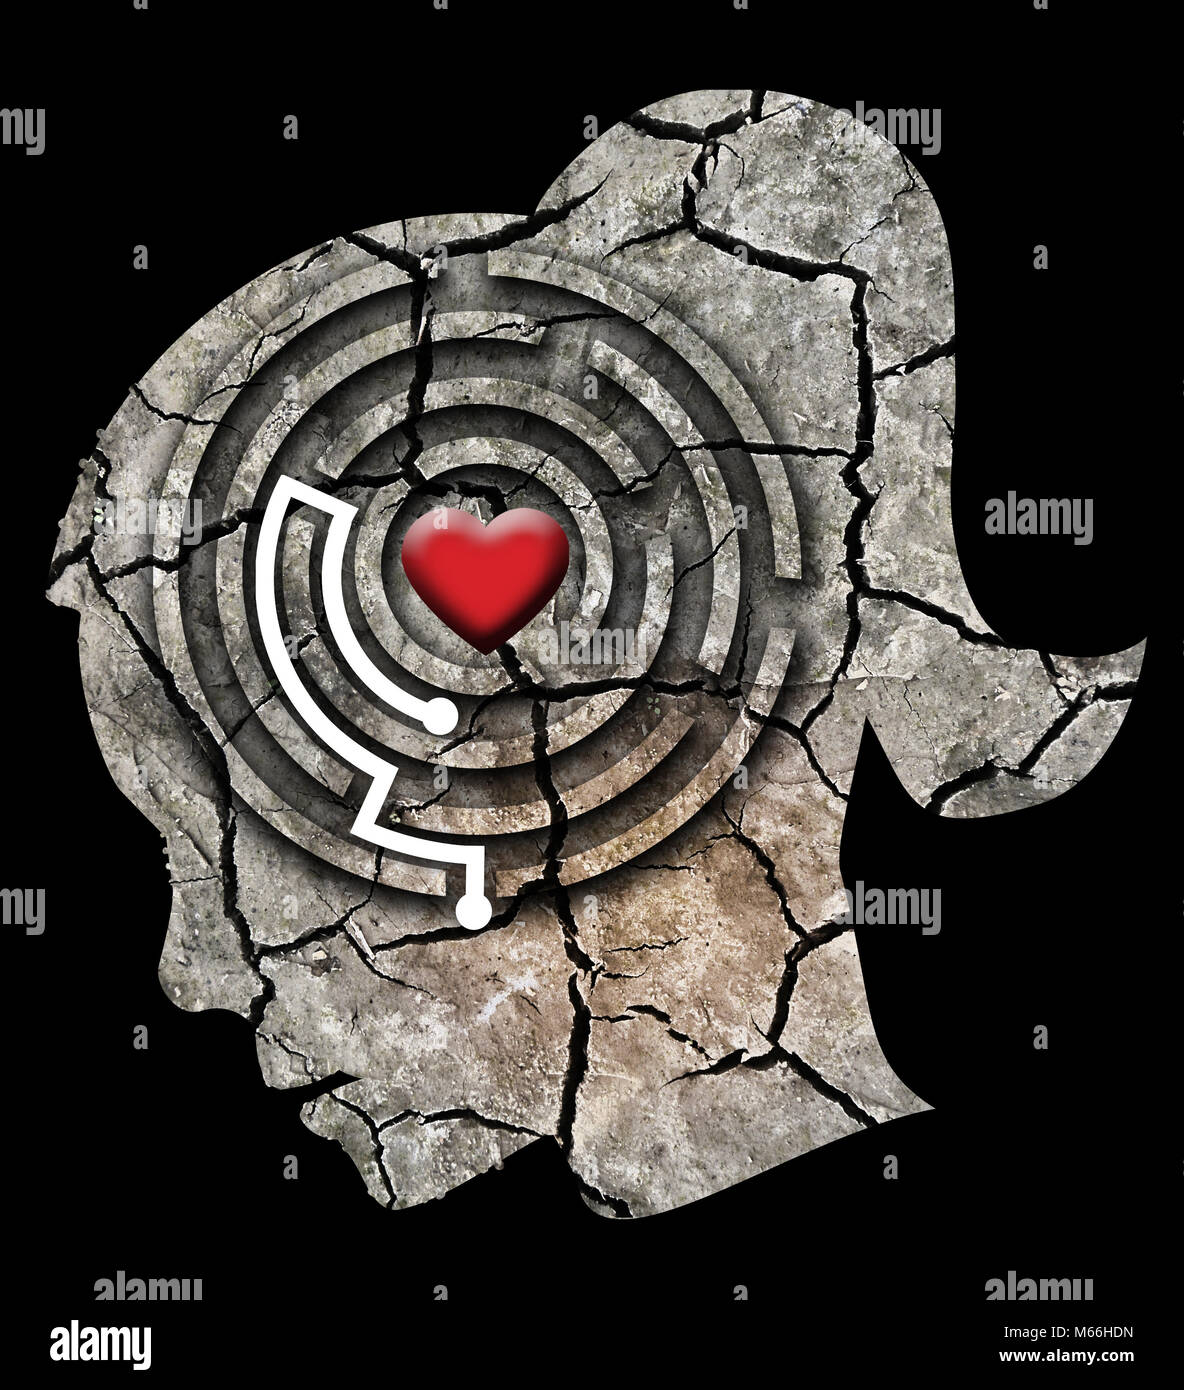 Liebe dich selbst Konzept. Stilisierte weibliche Kopf Silhouette mit Herz in ein Labyrinth. Foto - Montage mit Trockene Stockbild